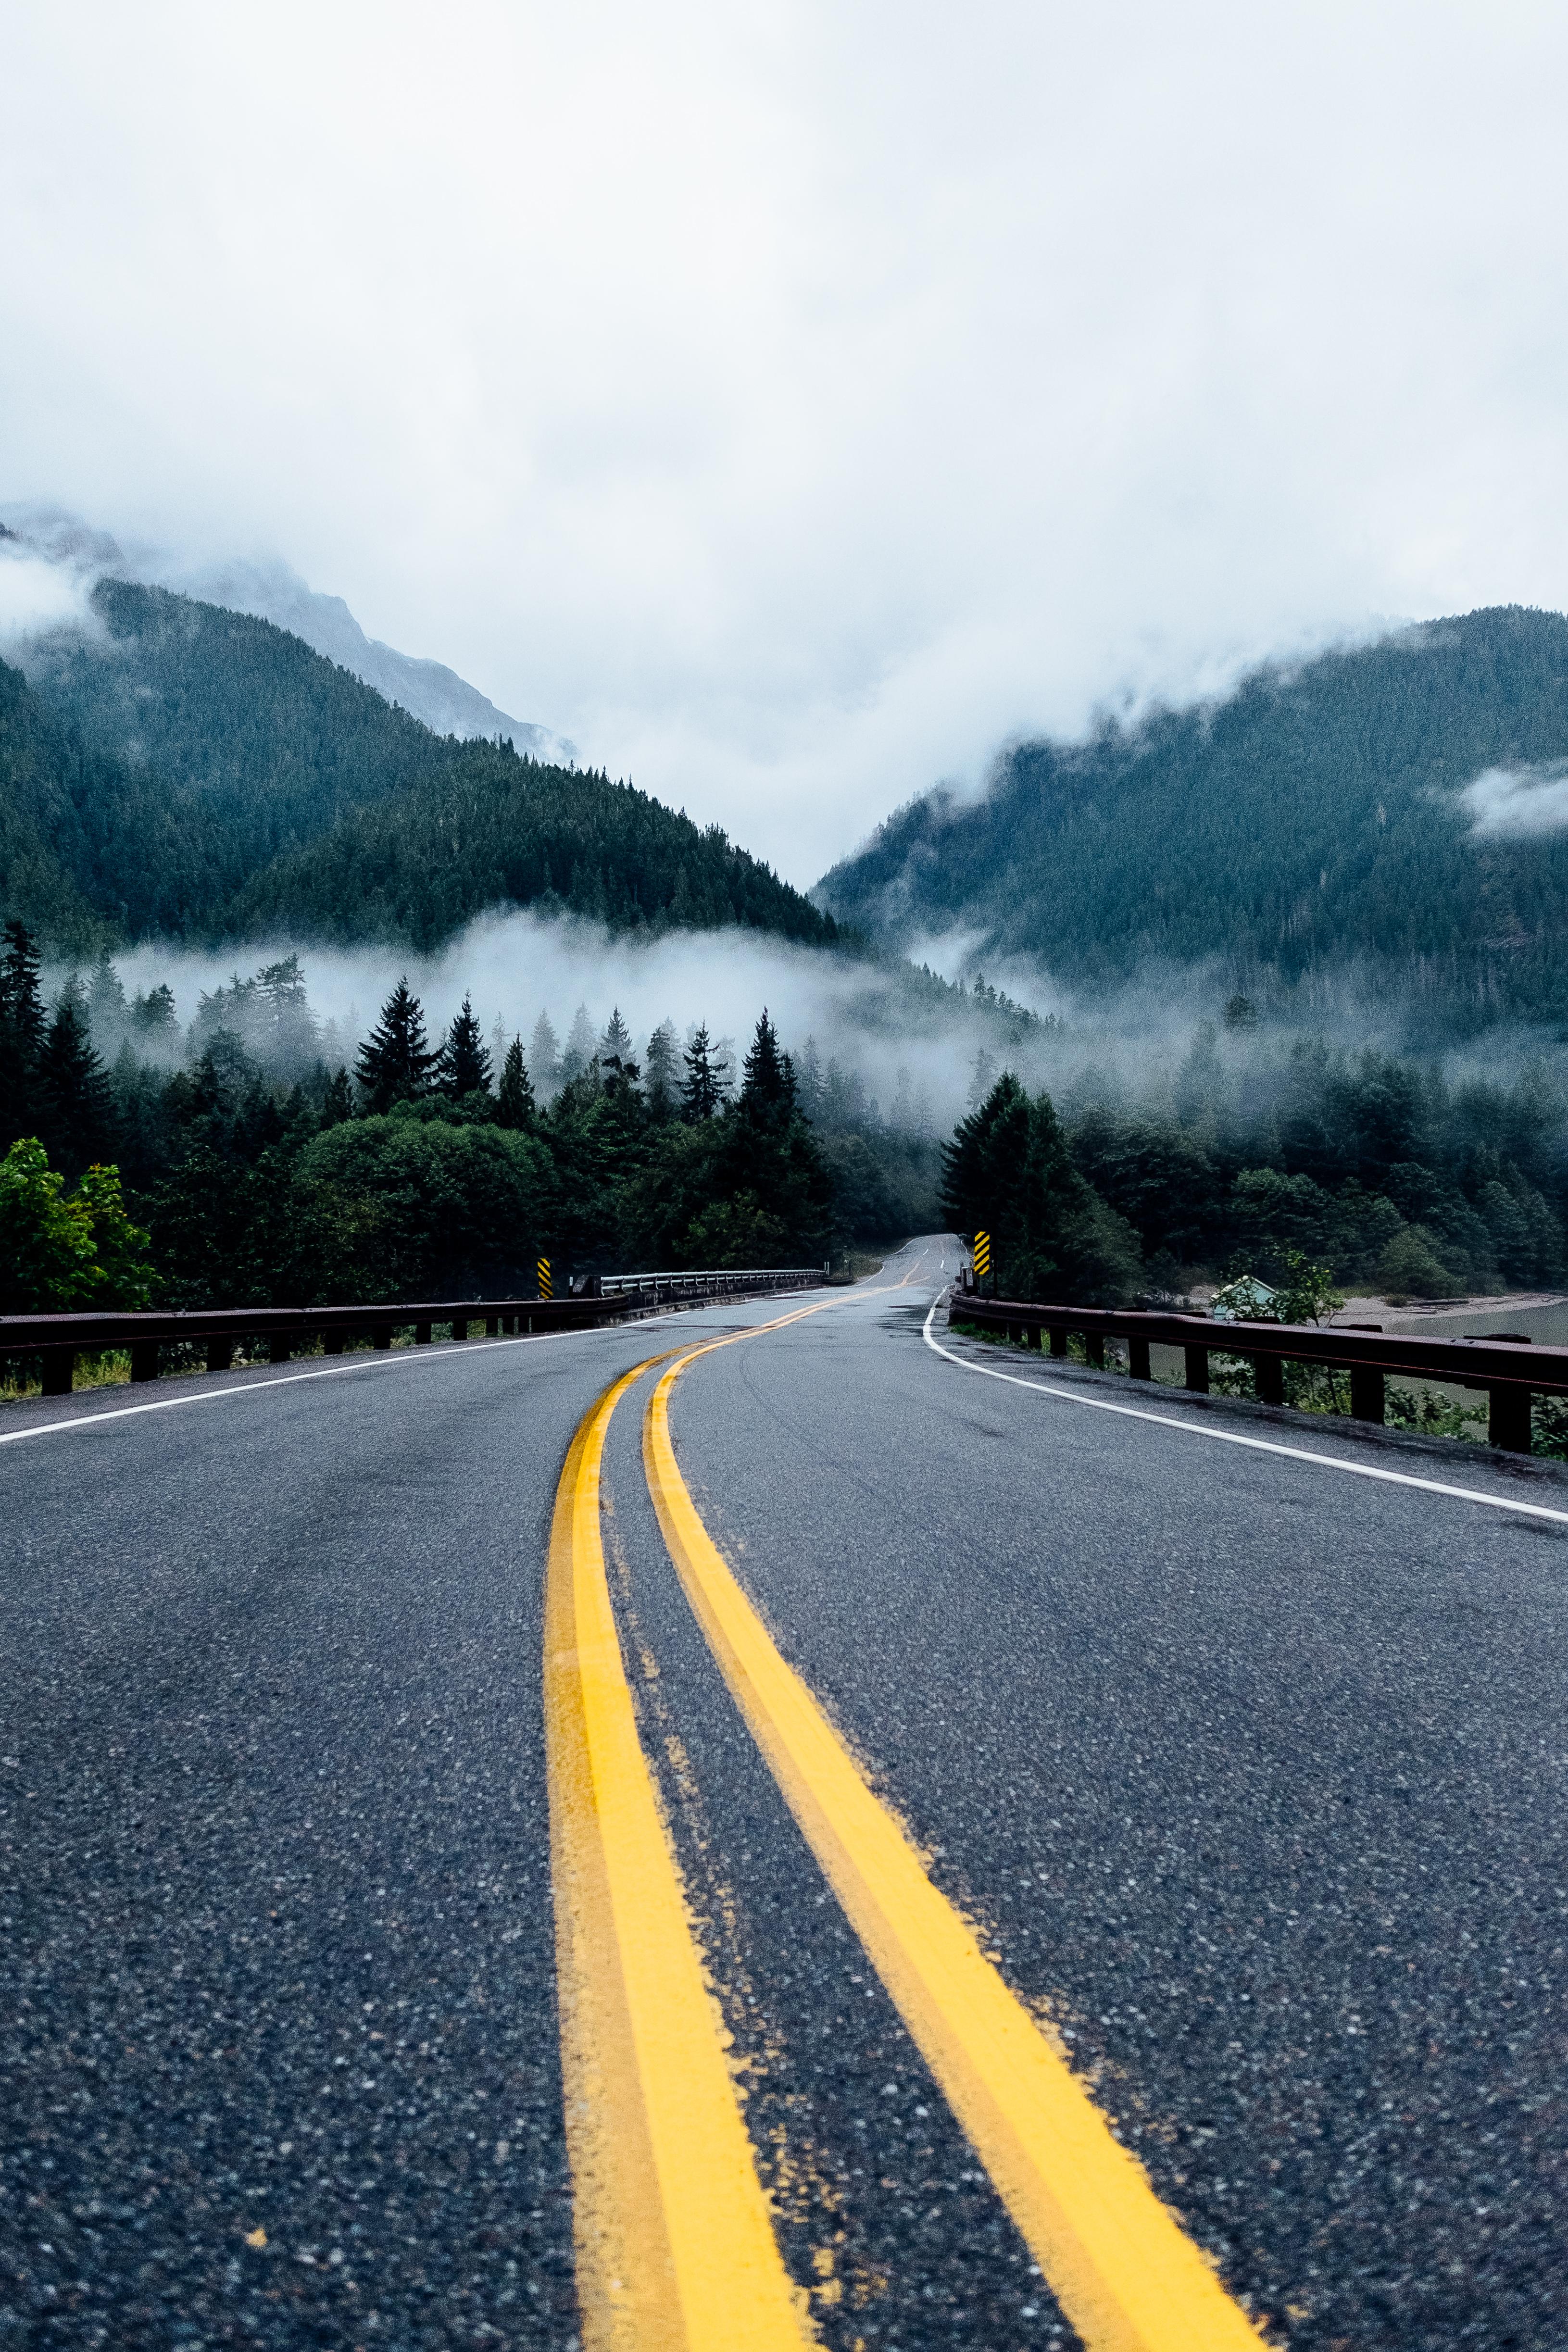 64415 скачать обои Дорога, Туман, Природа, Горы, Поворот, Разметка - заставки и картинки бесплатно